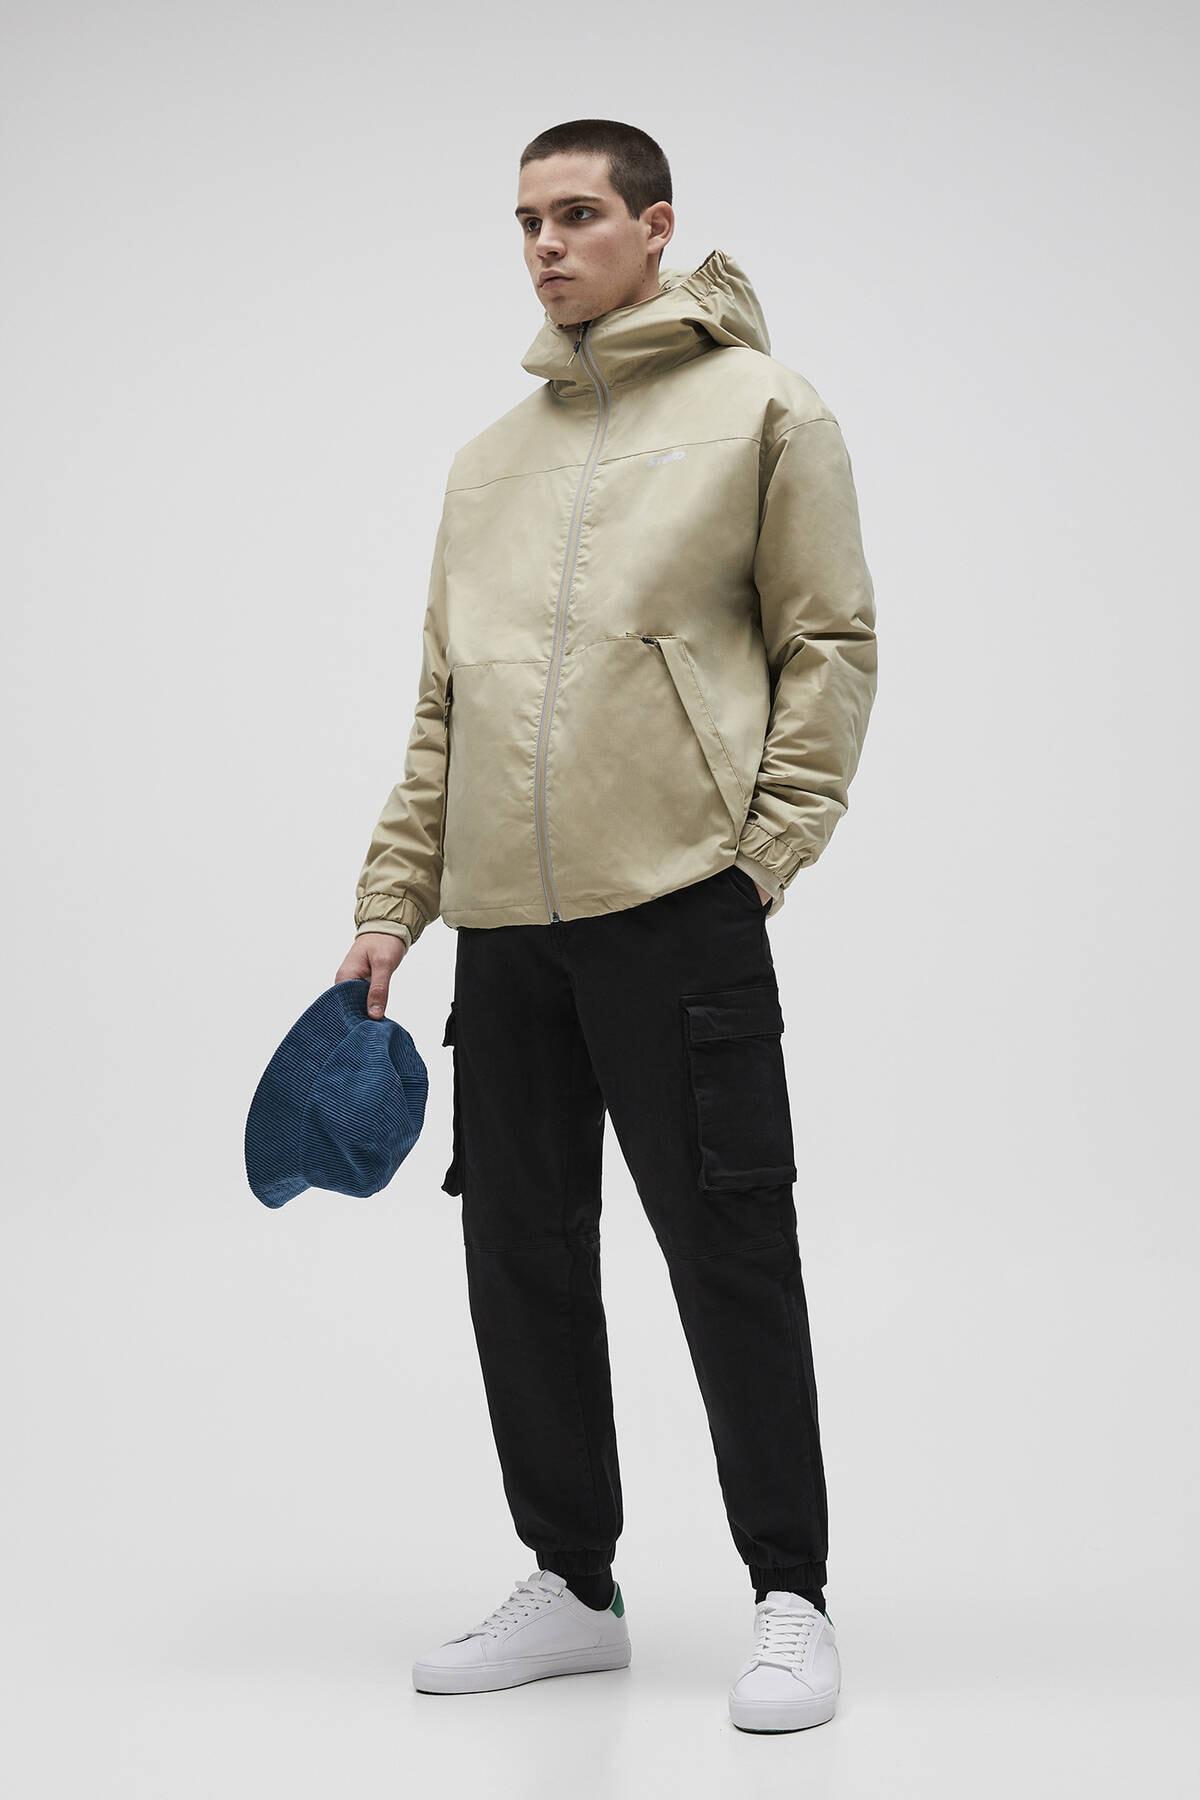 Pull & Bear Erkek Kum Rengi Su Geçirmez Yırtılmaz Kumaş Yağmurluk 04711545 2